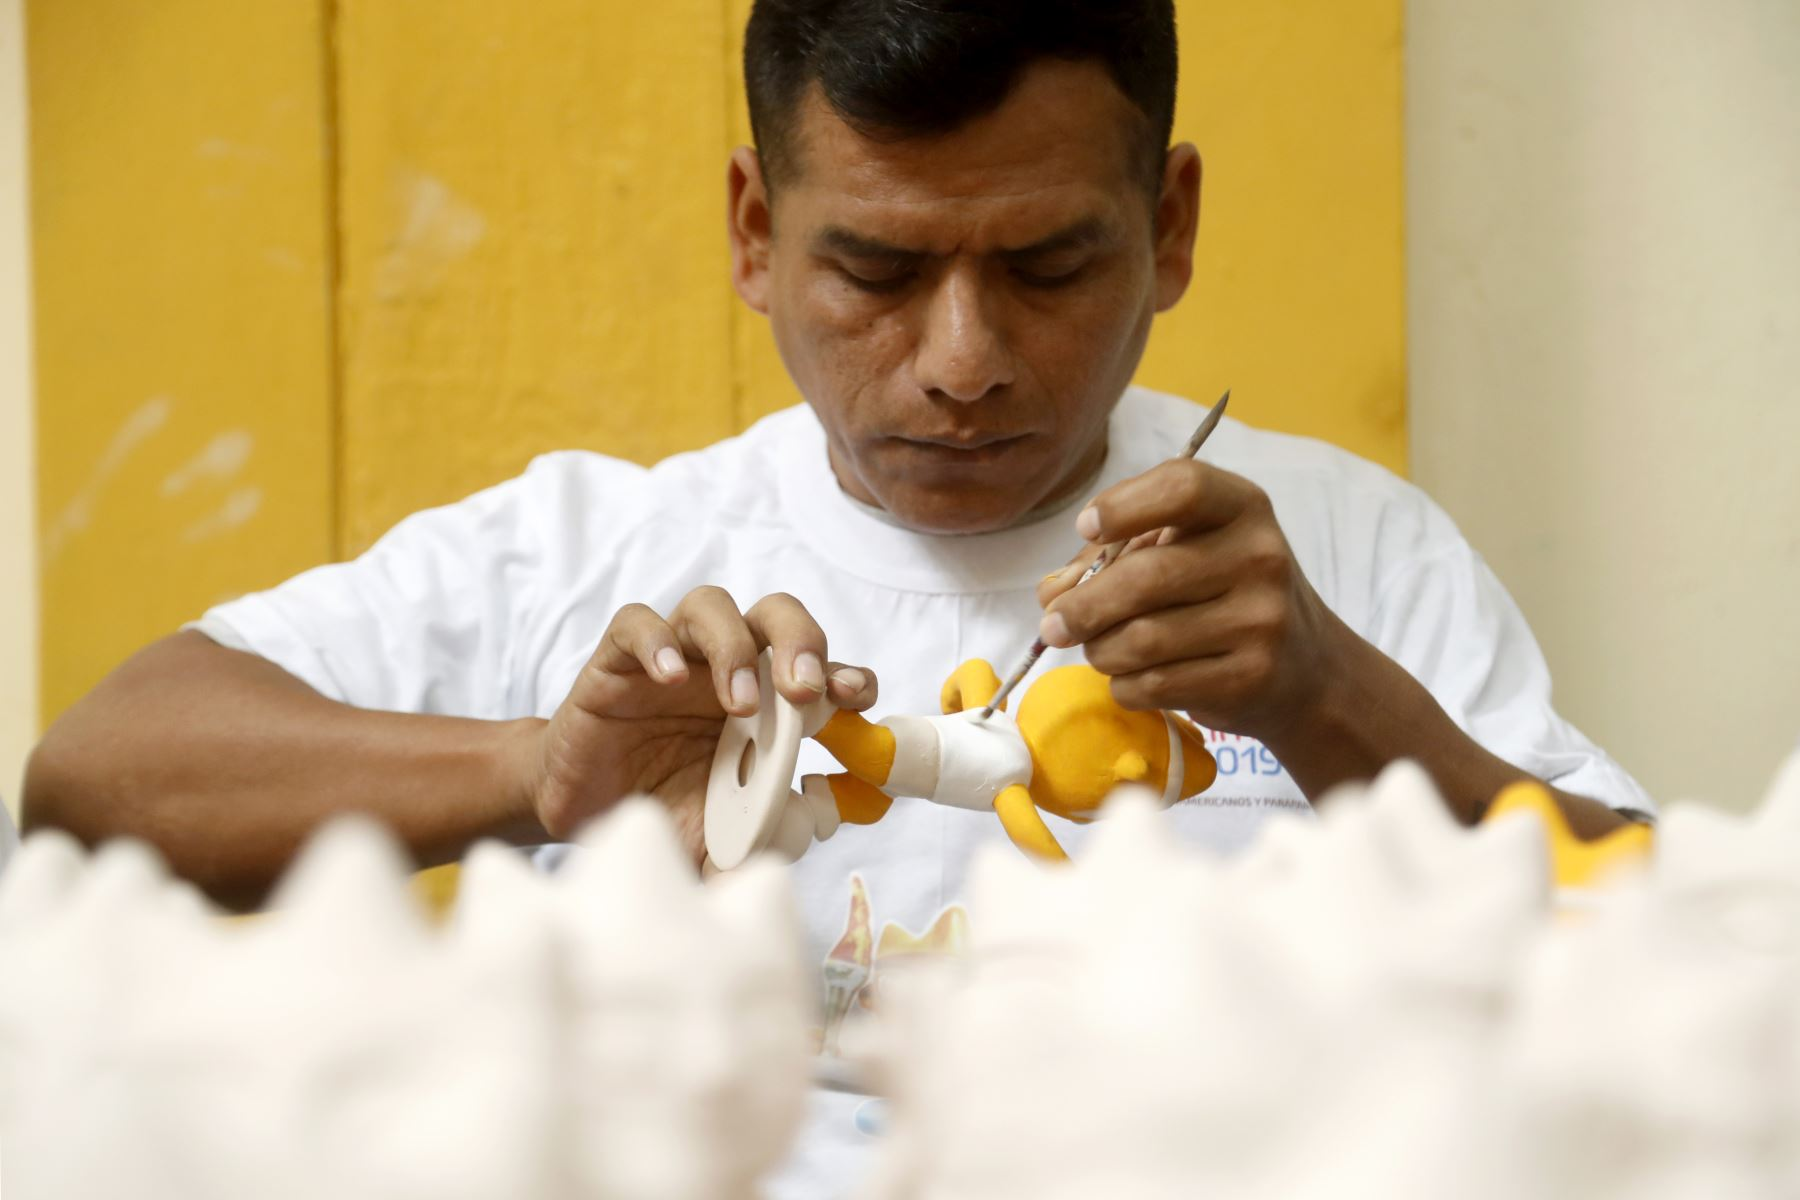 20 Internos del penal de Lurigancho elaboraron en cerámica la mascota oficial MILCO de los Juegos Panamericanos 2019, los cuales se venderan en 6 sedes del evento deportivo. Foto: ANDINA/Josue Ramos